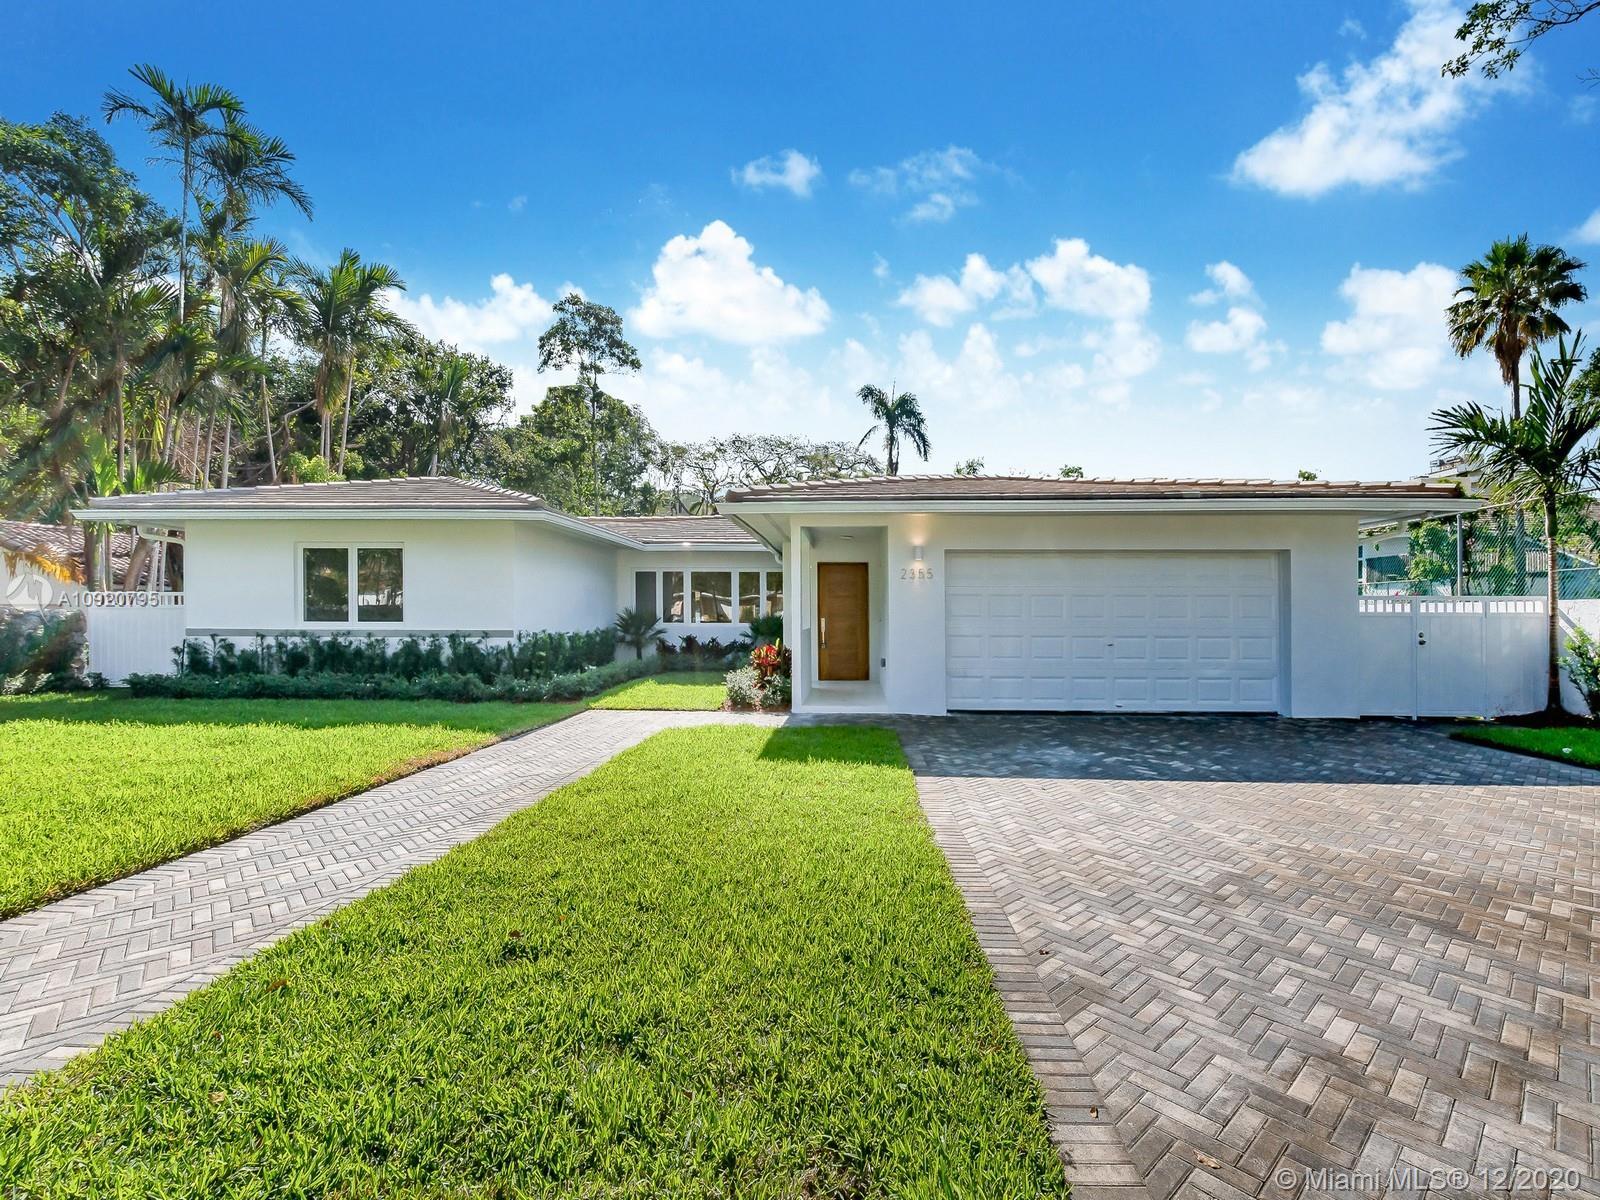 2355 S Miami Ave  For Sale A10920795, FL